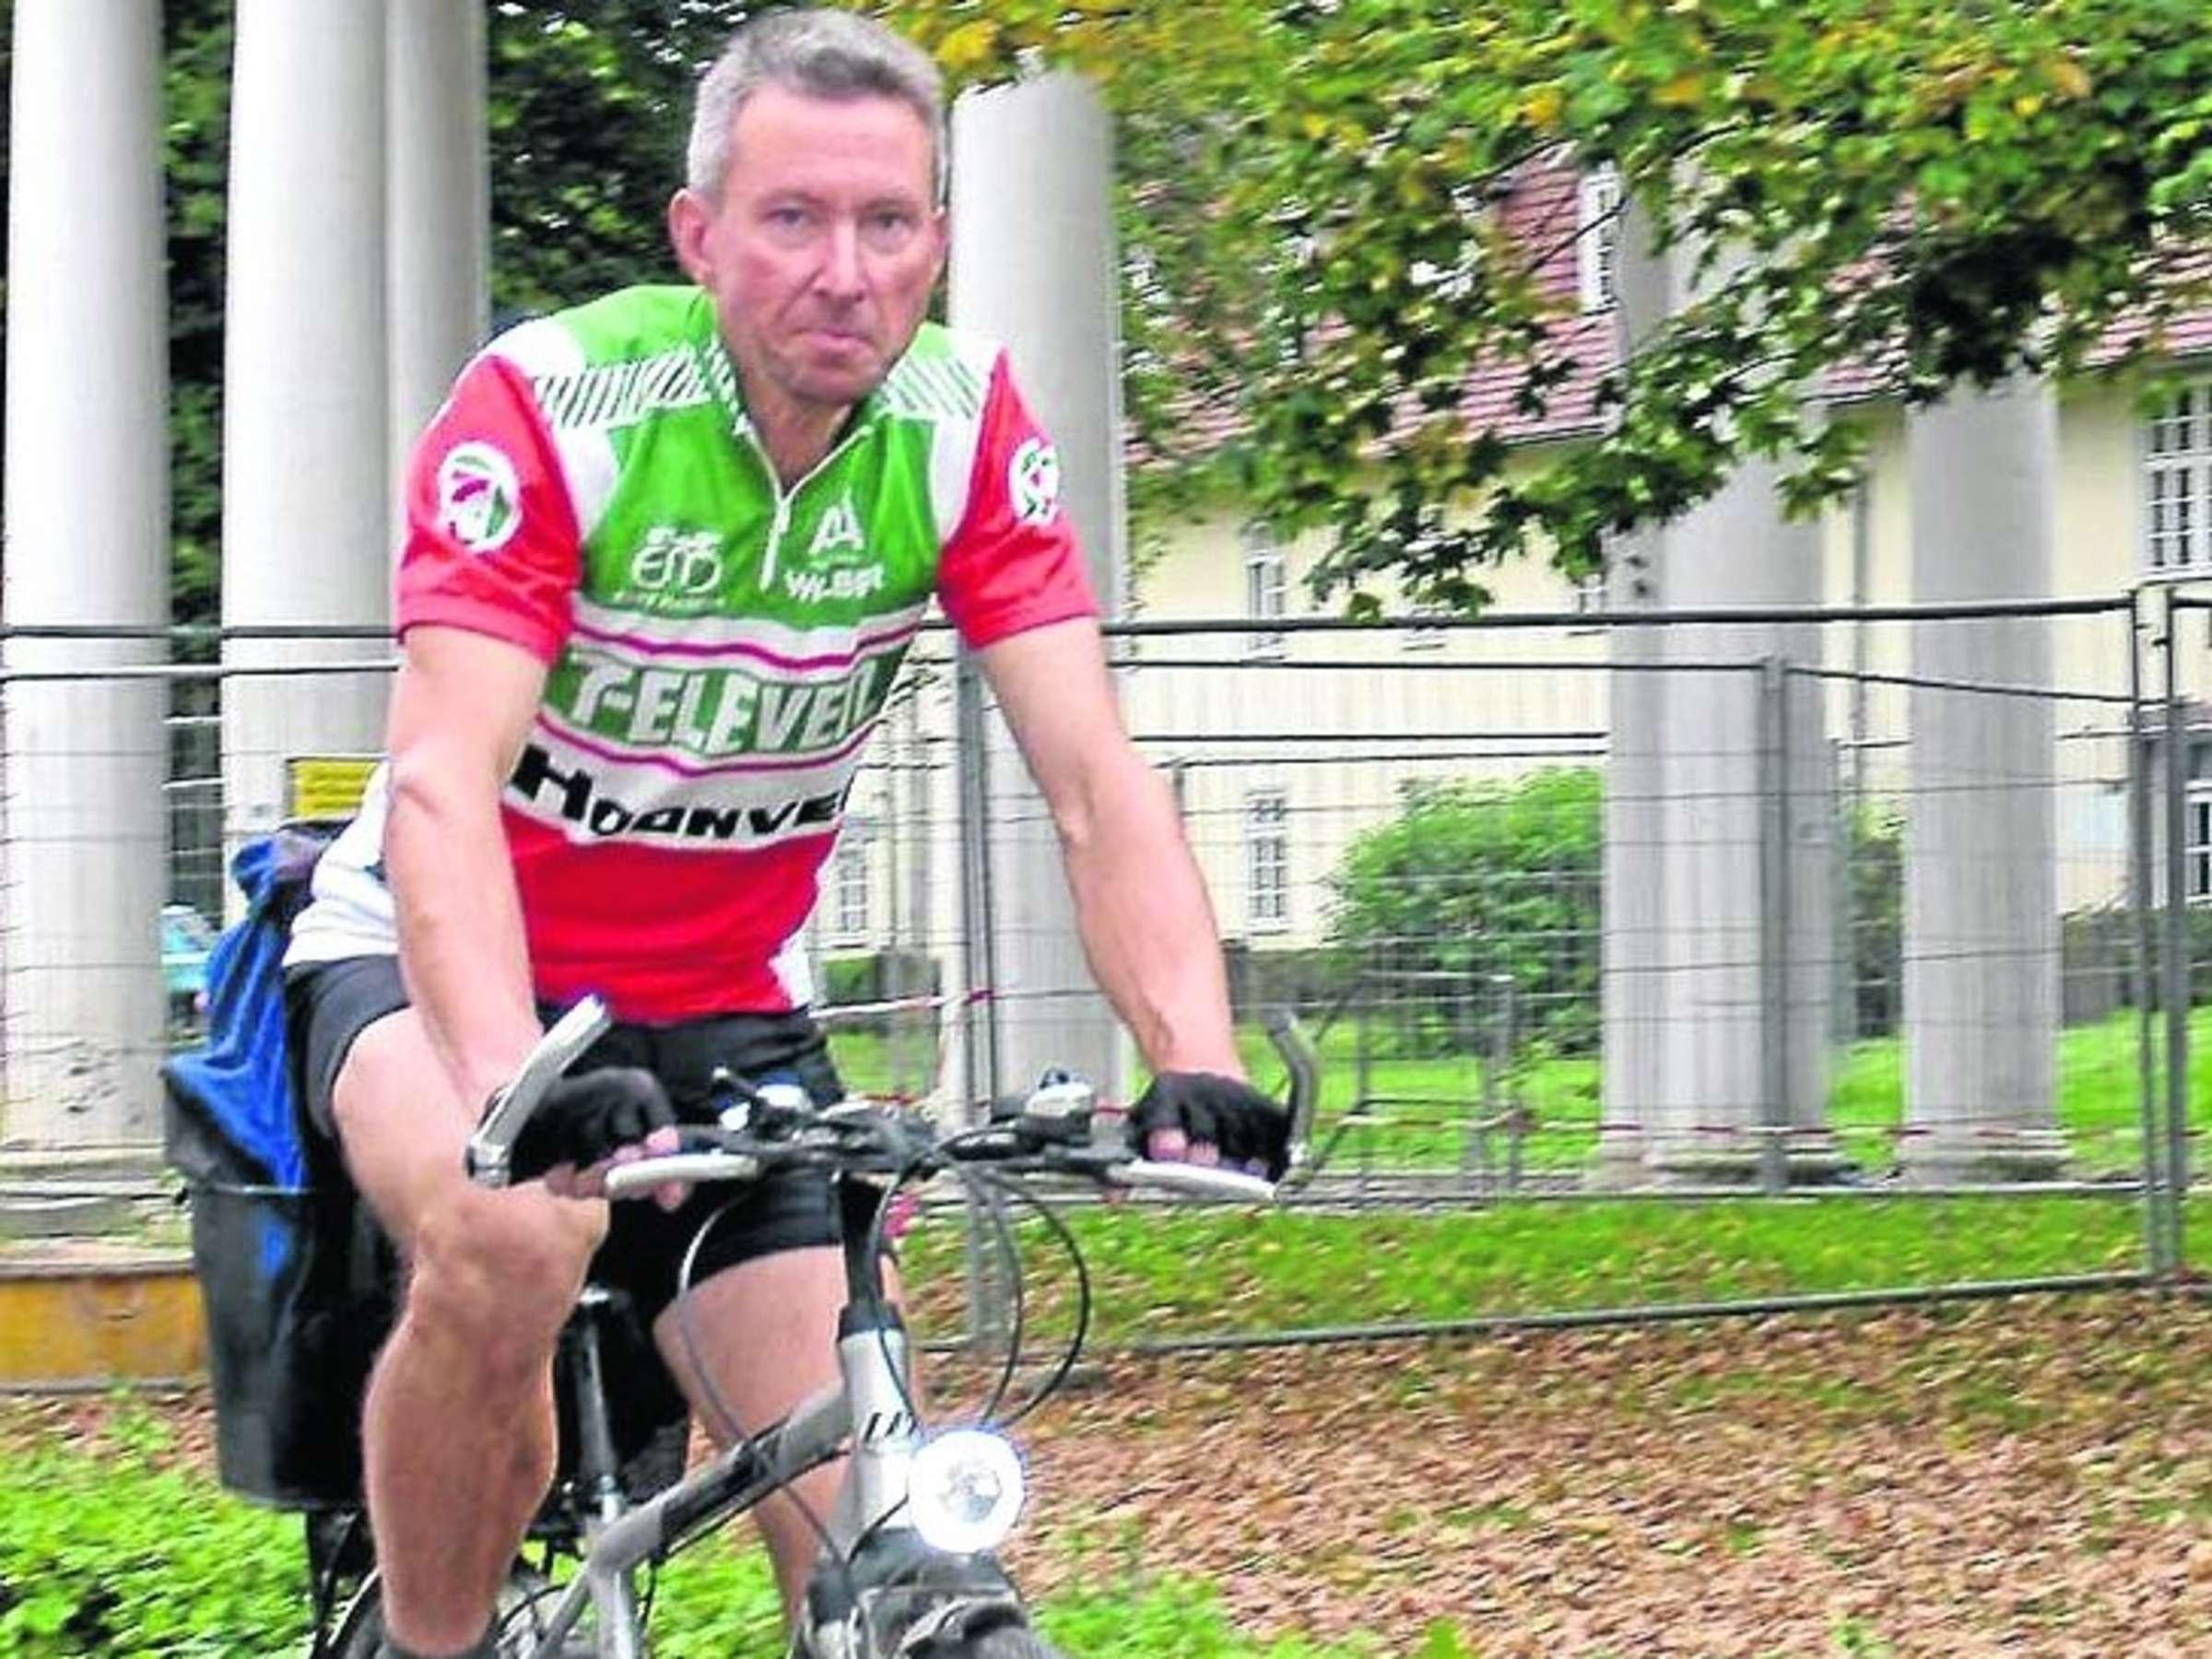 Klaus partnersuche online Priel speeddating